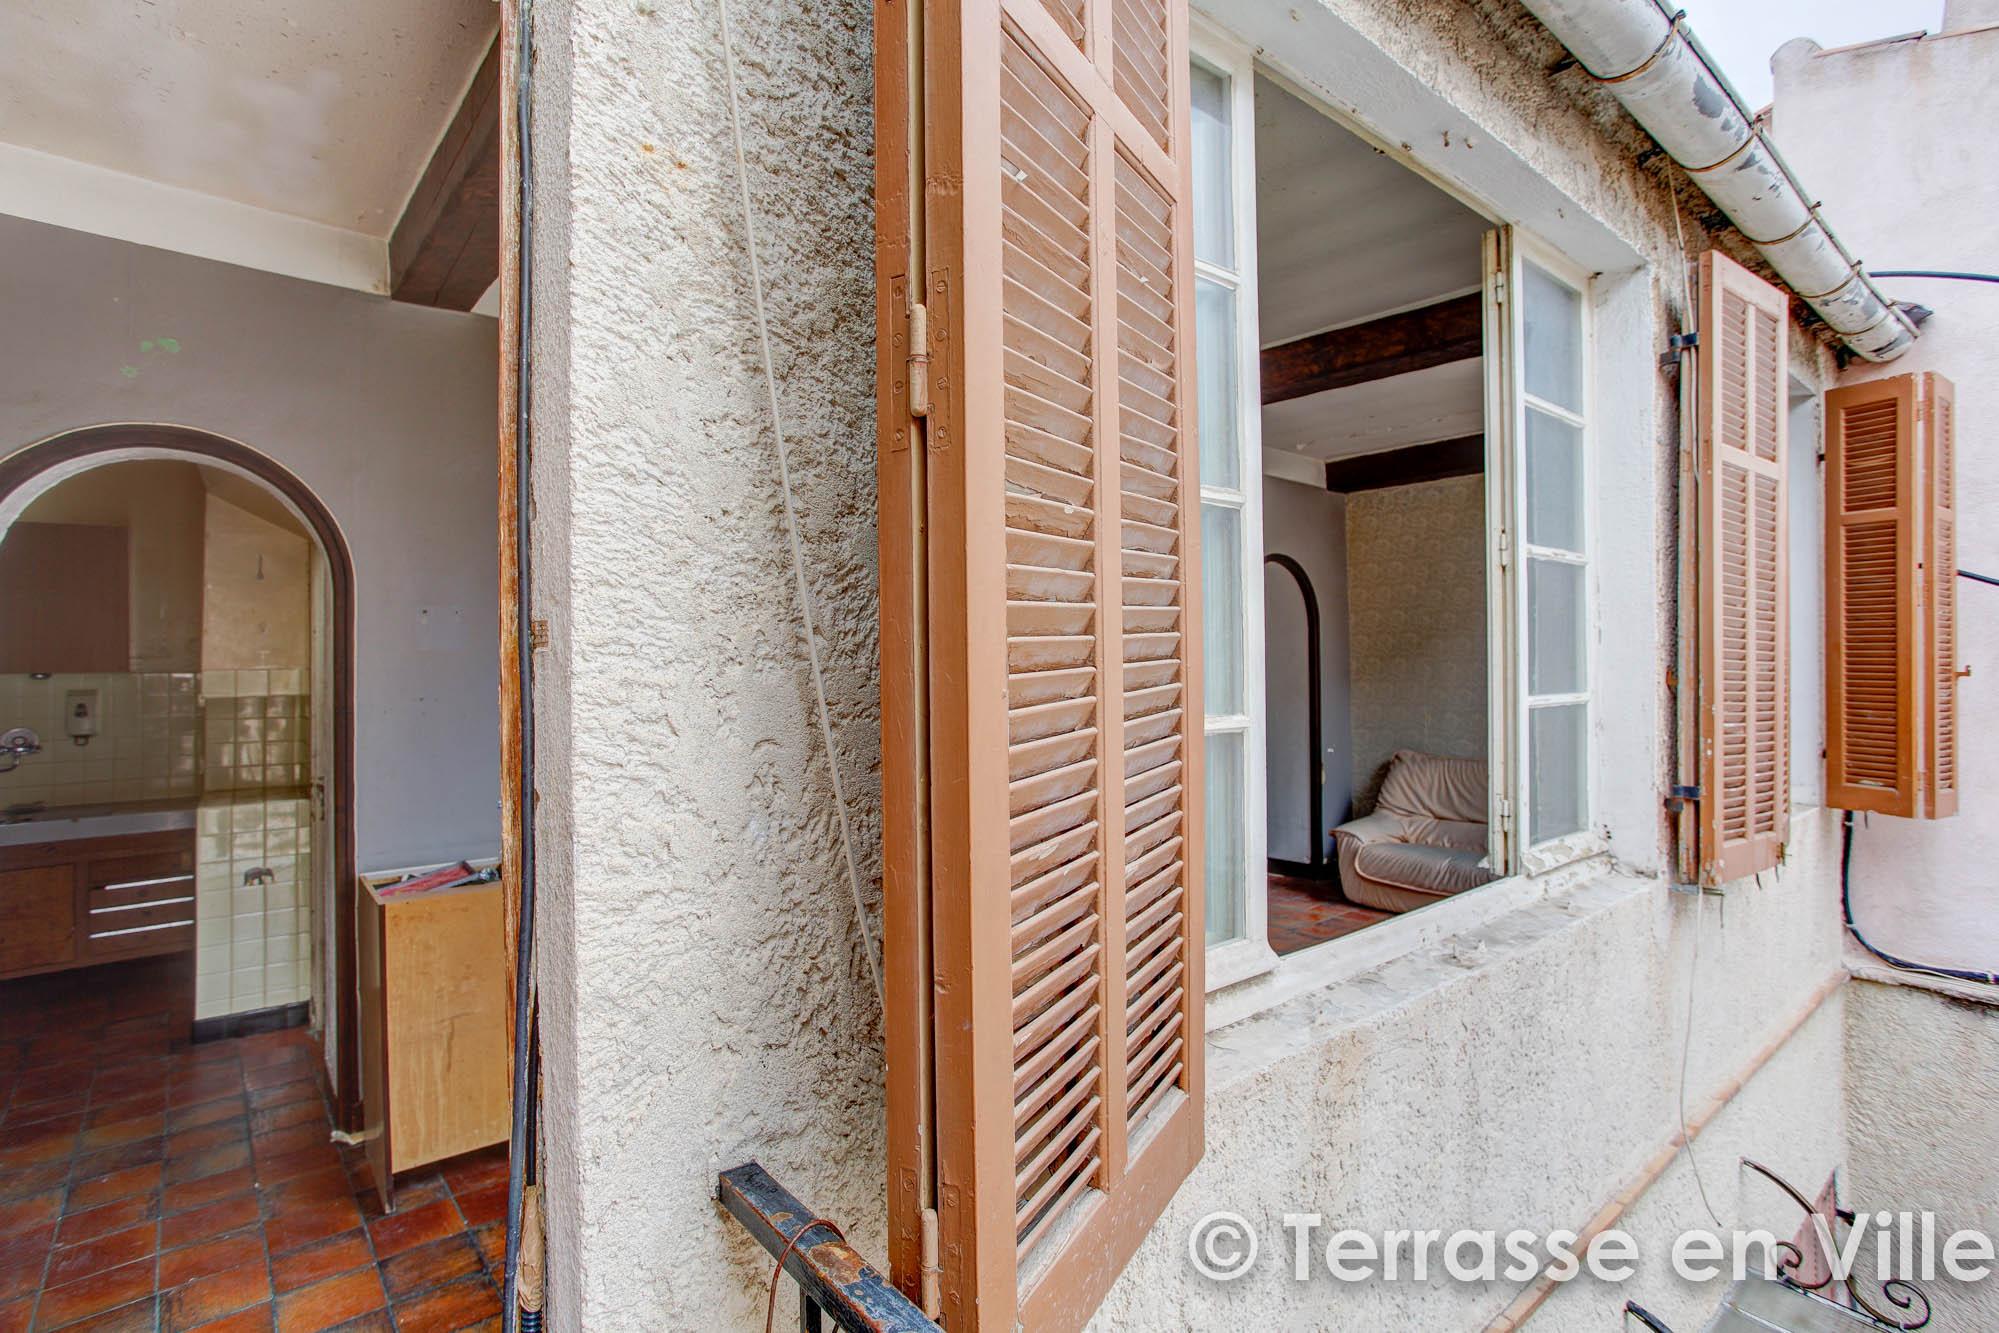 VIEUX LA CIOTAT – T3 DERNIER ETAGE – 48 m2 – 137 000 €